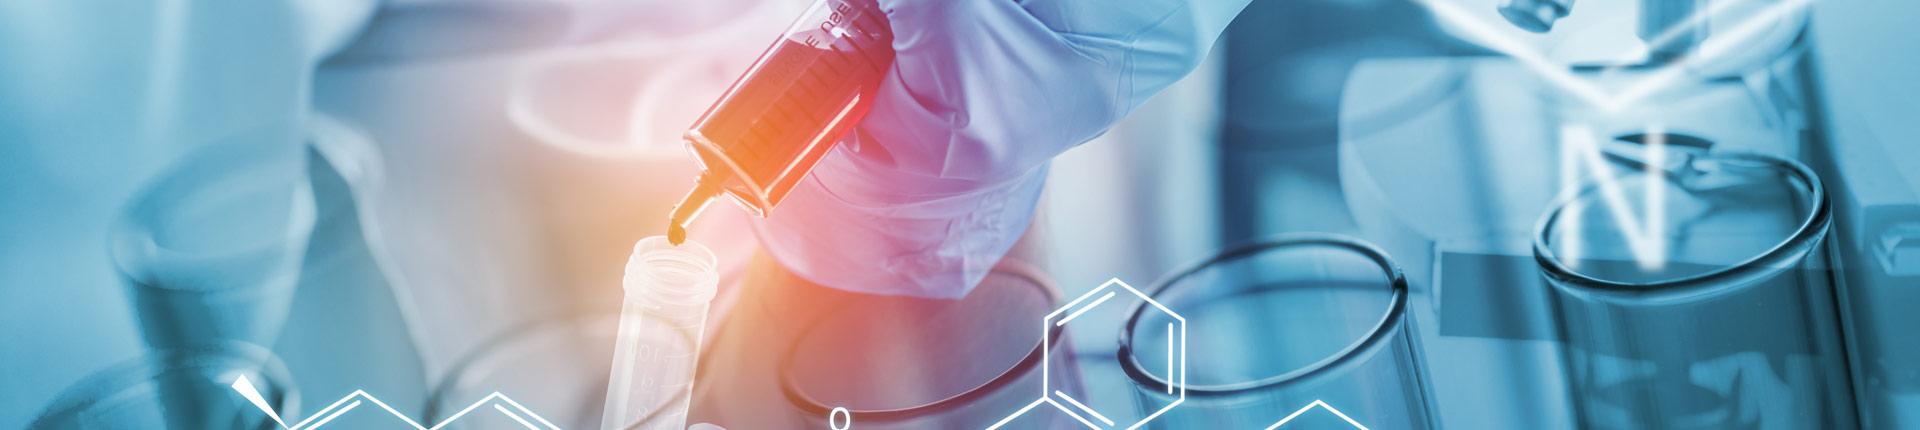 Aspiryna hamuje przyrost mięśni?